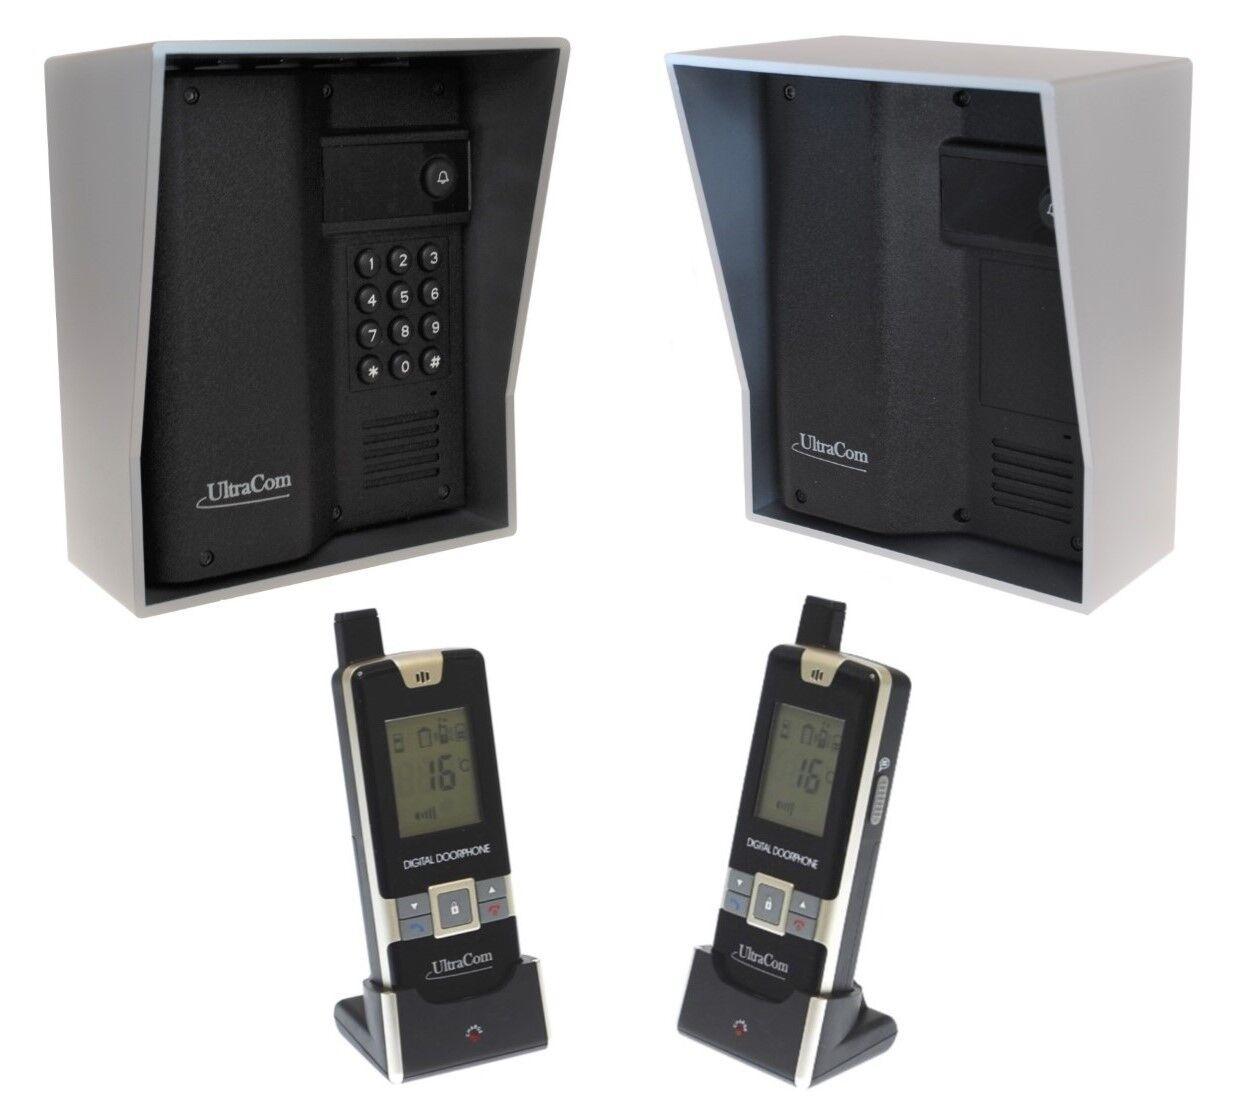 600m Inalámbrico Ultracom Intercomunicador Con Dos Auricular's & Estación de llamadas con Capucha